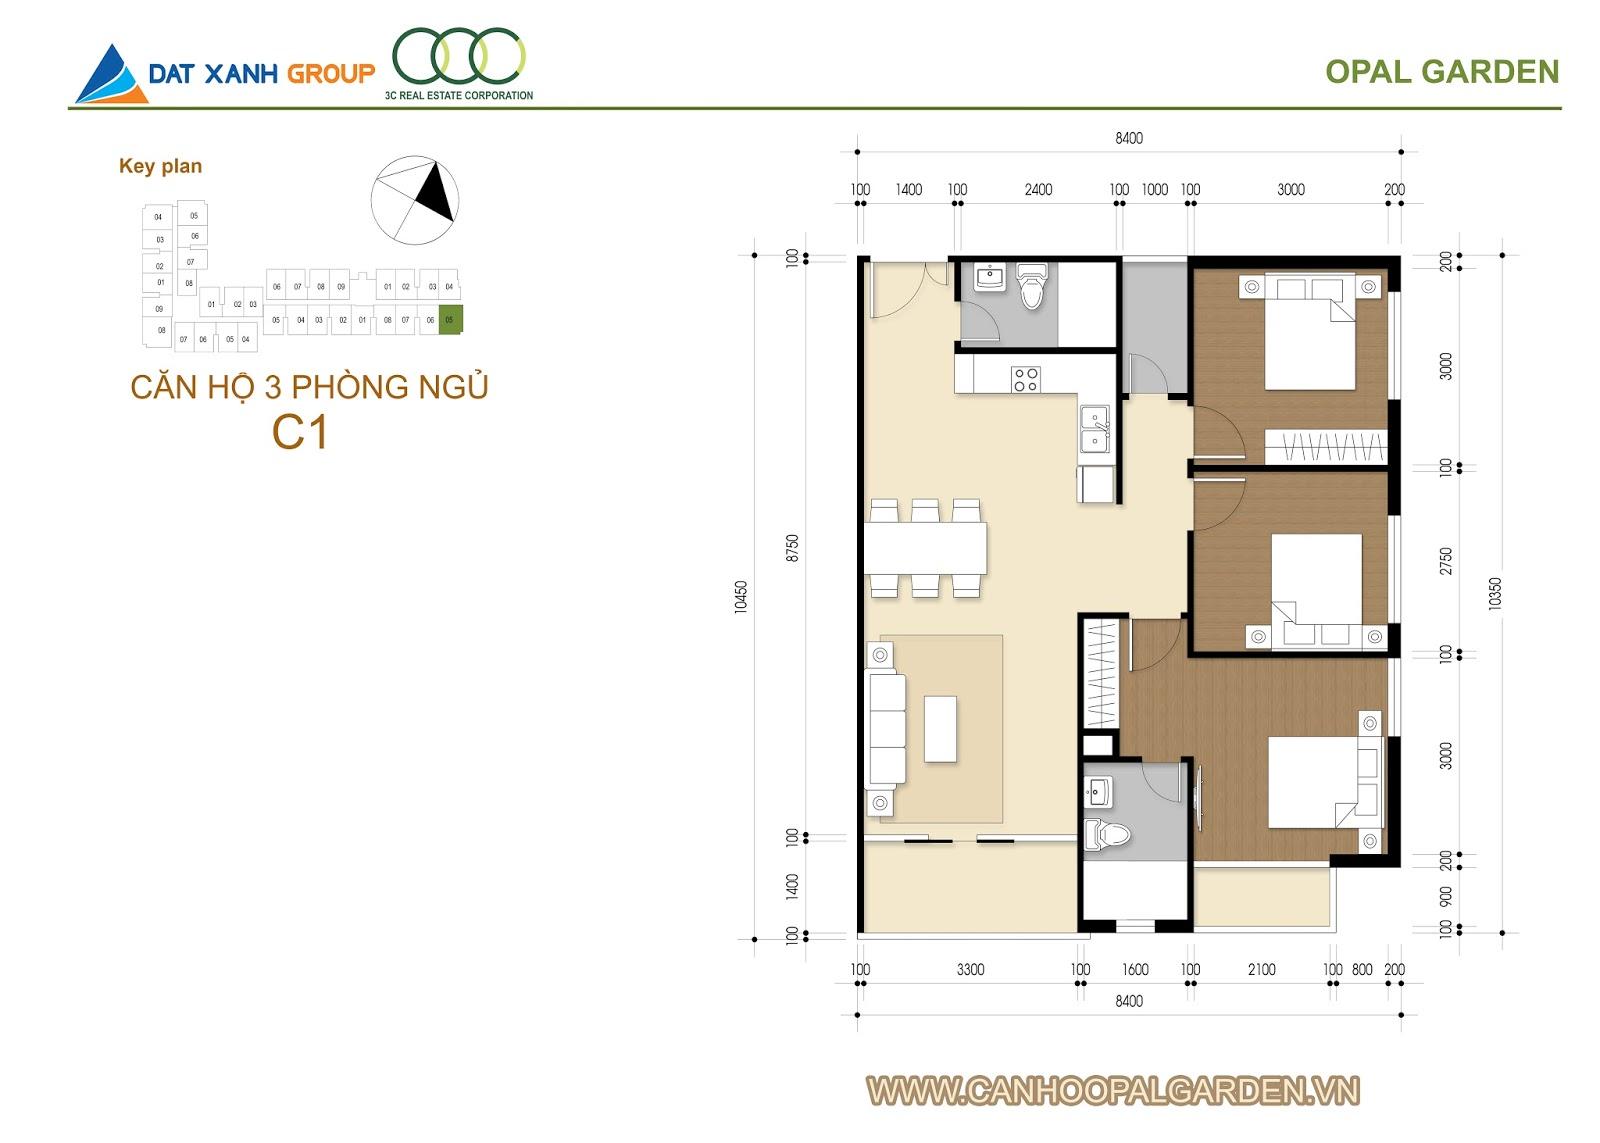 Thiết kế căn hộ opal garden 3 phòng ngủ